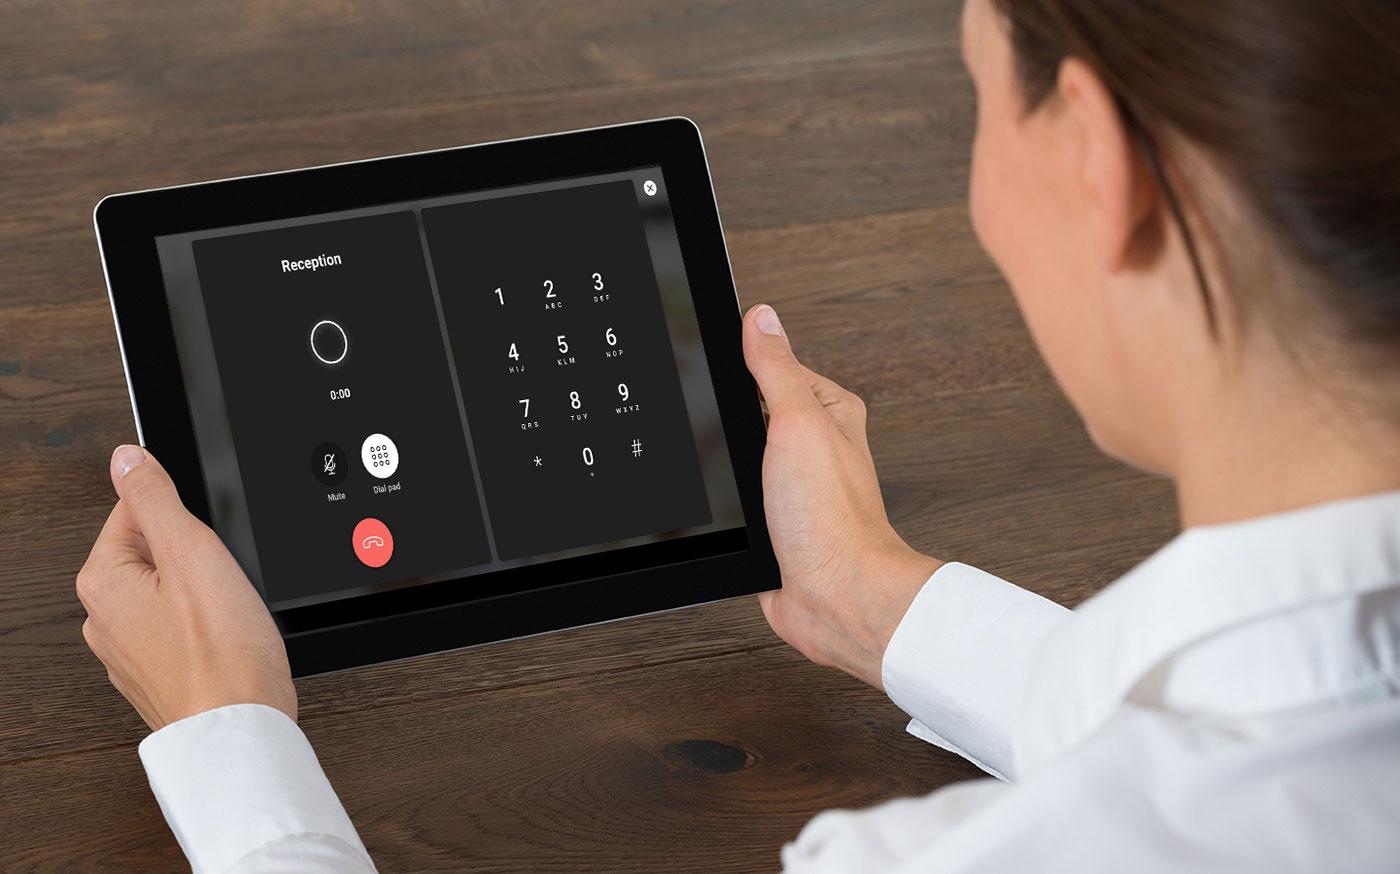 SuitePad Telefonie: die kostengünstige Alternative zum klassischen Hotel Telefon